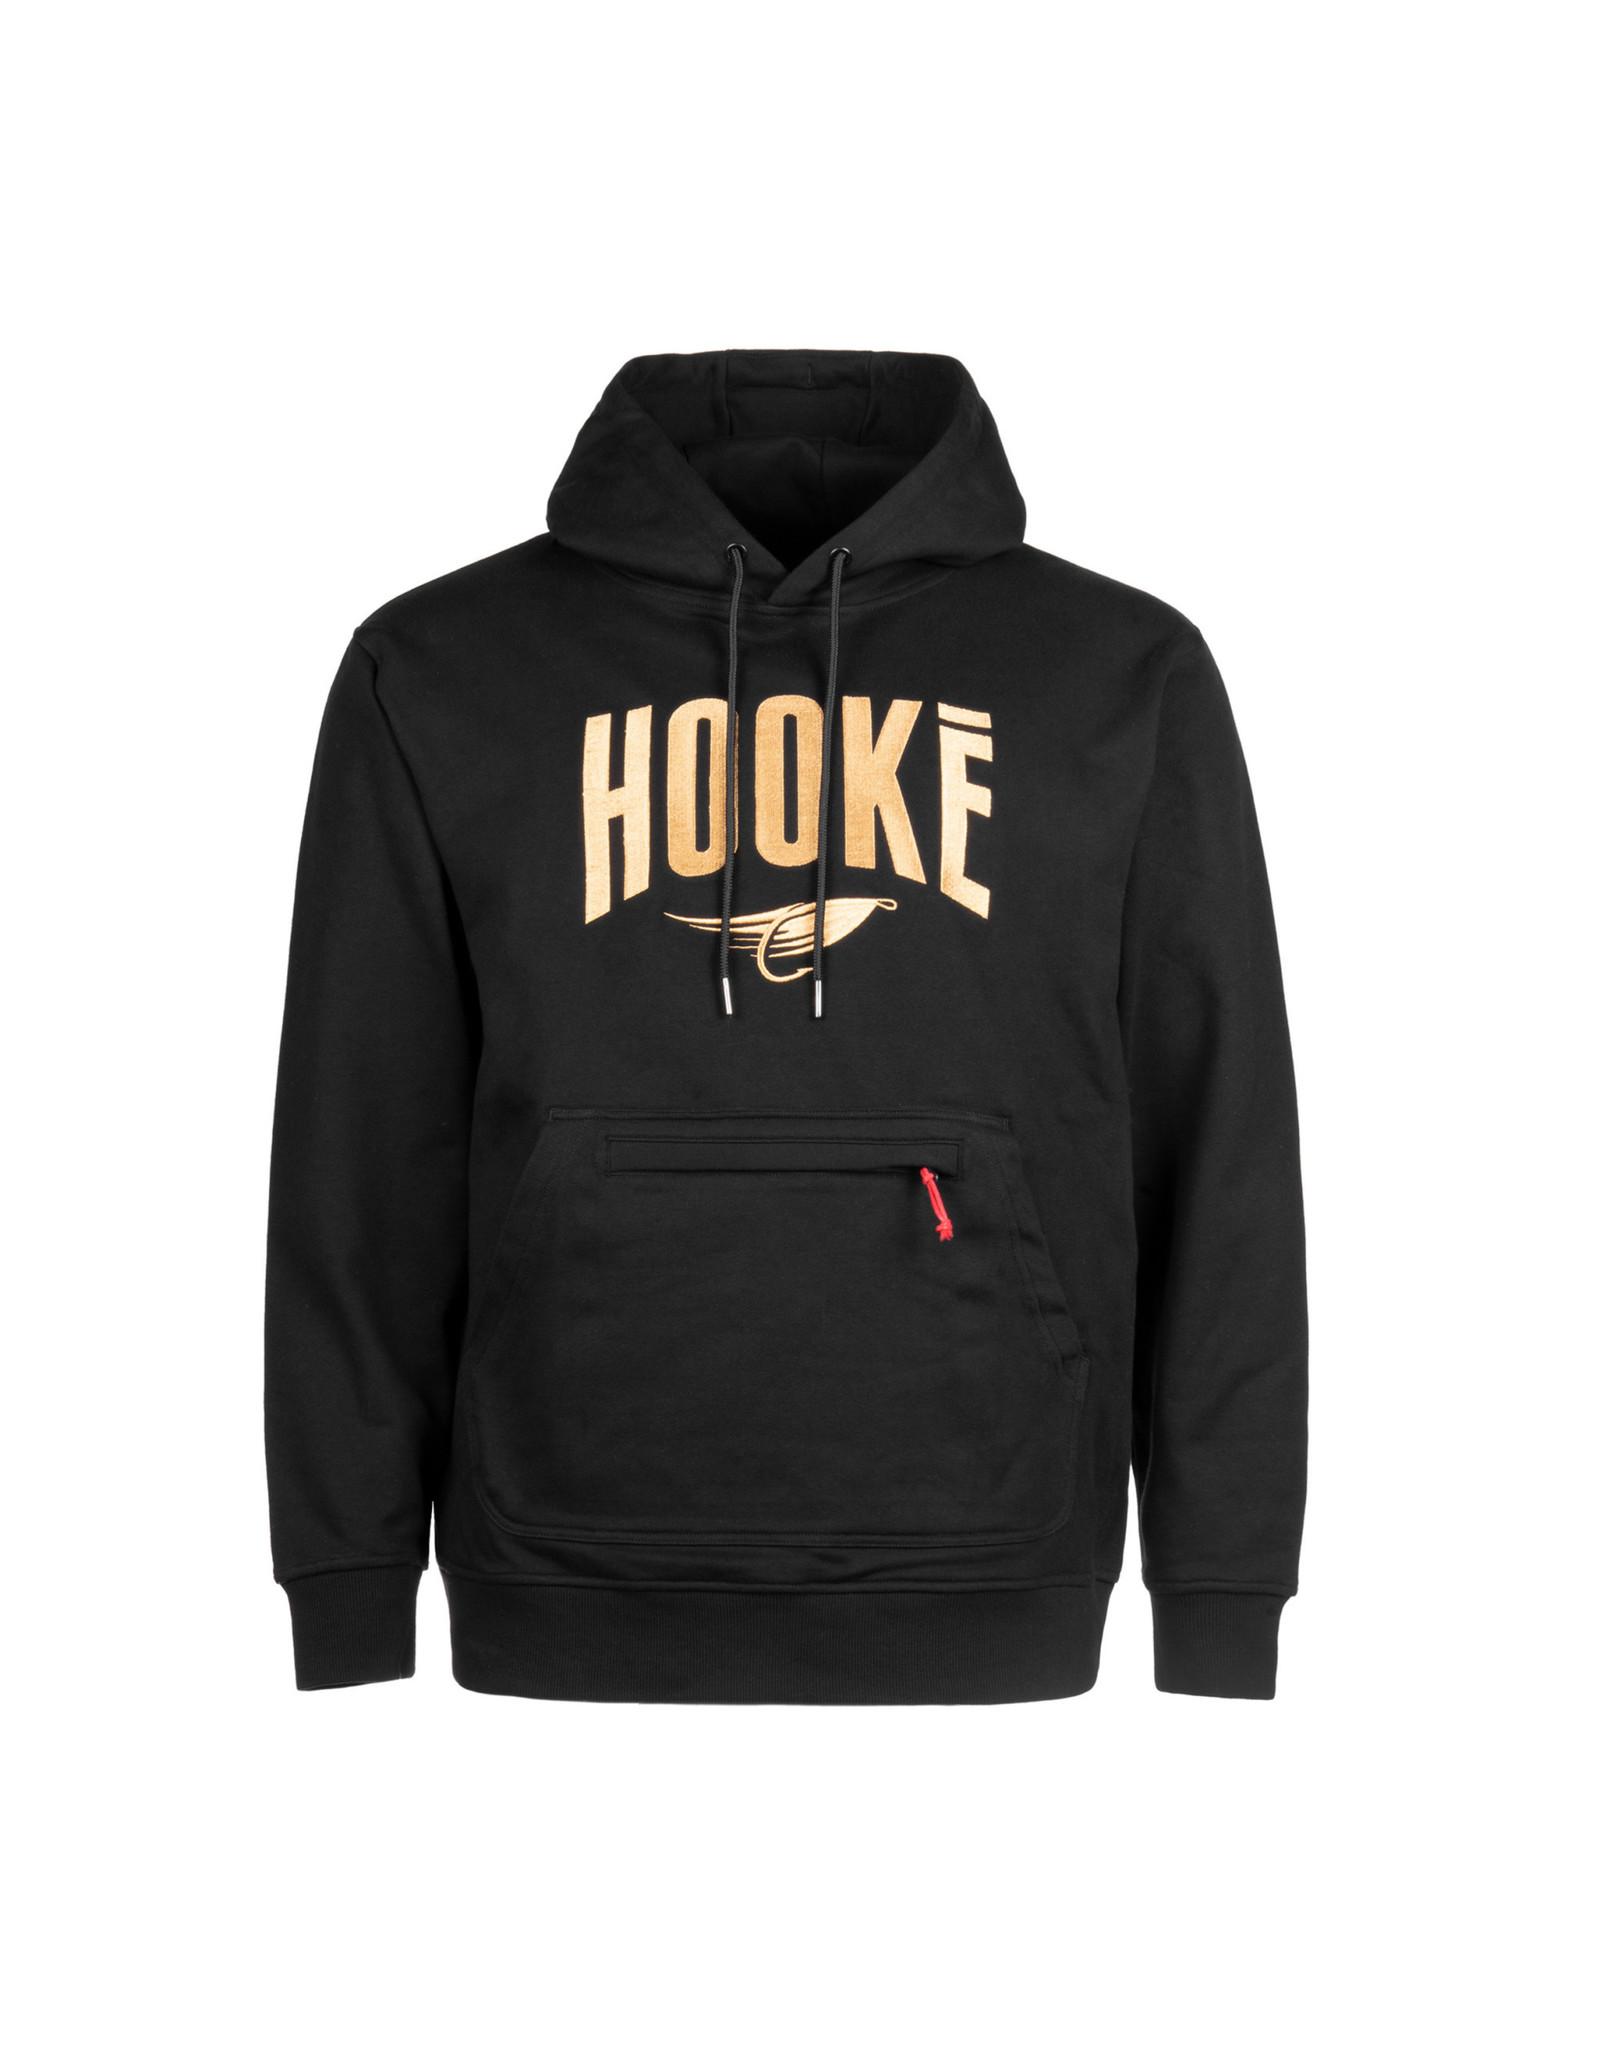 HOOKE Hooké original hoodie